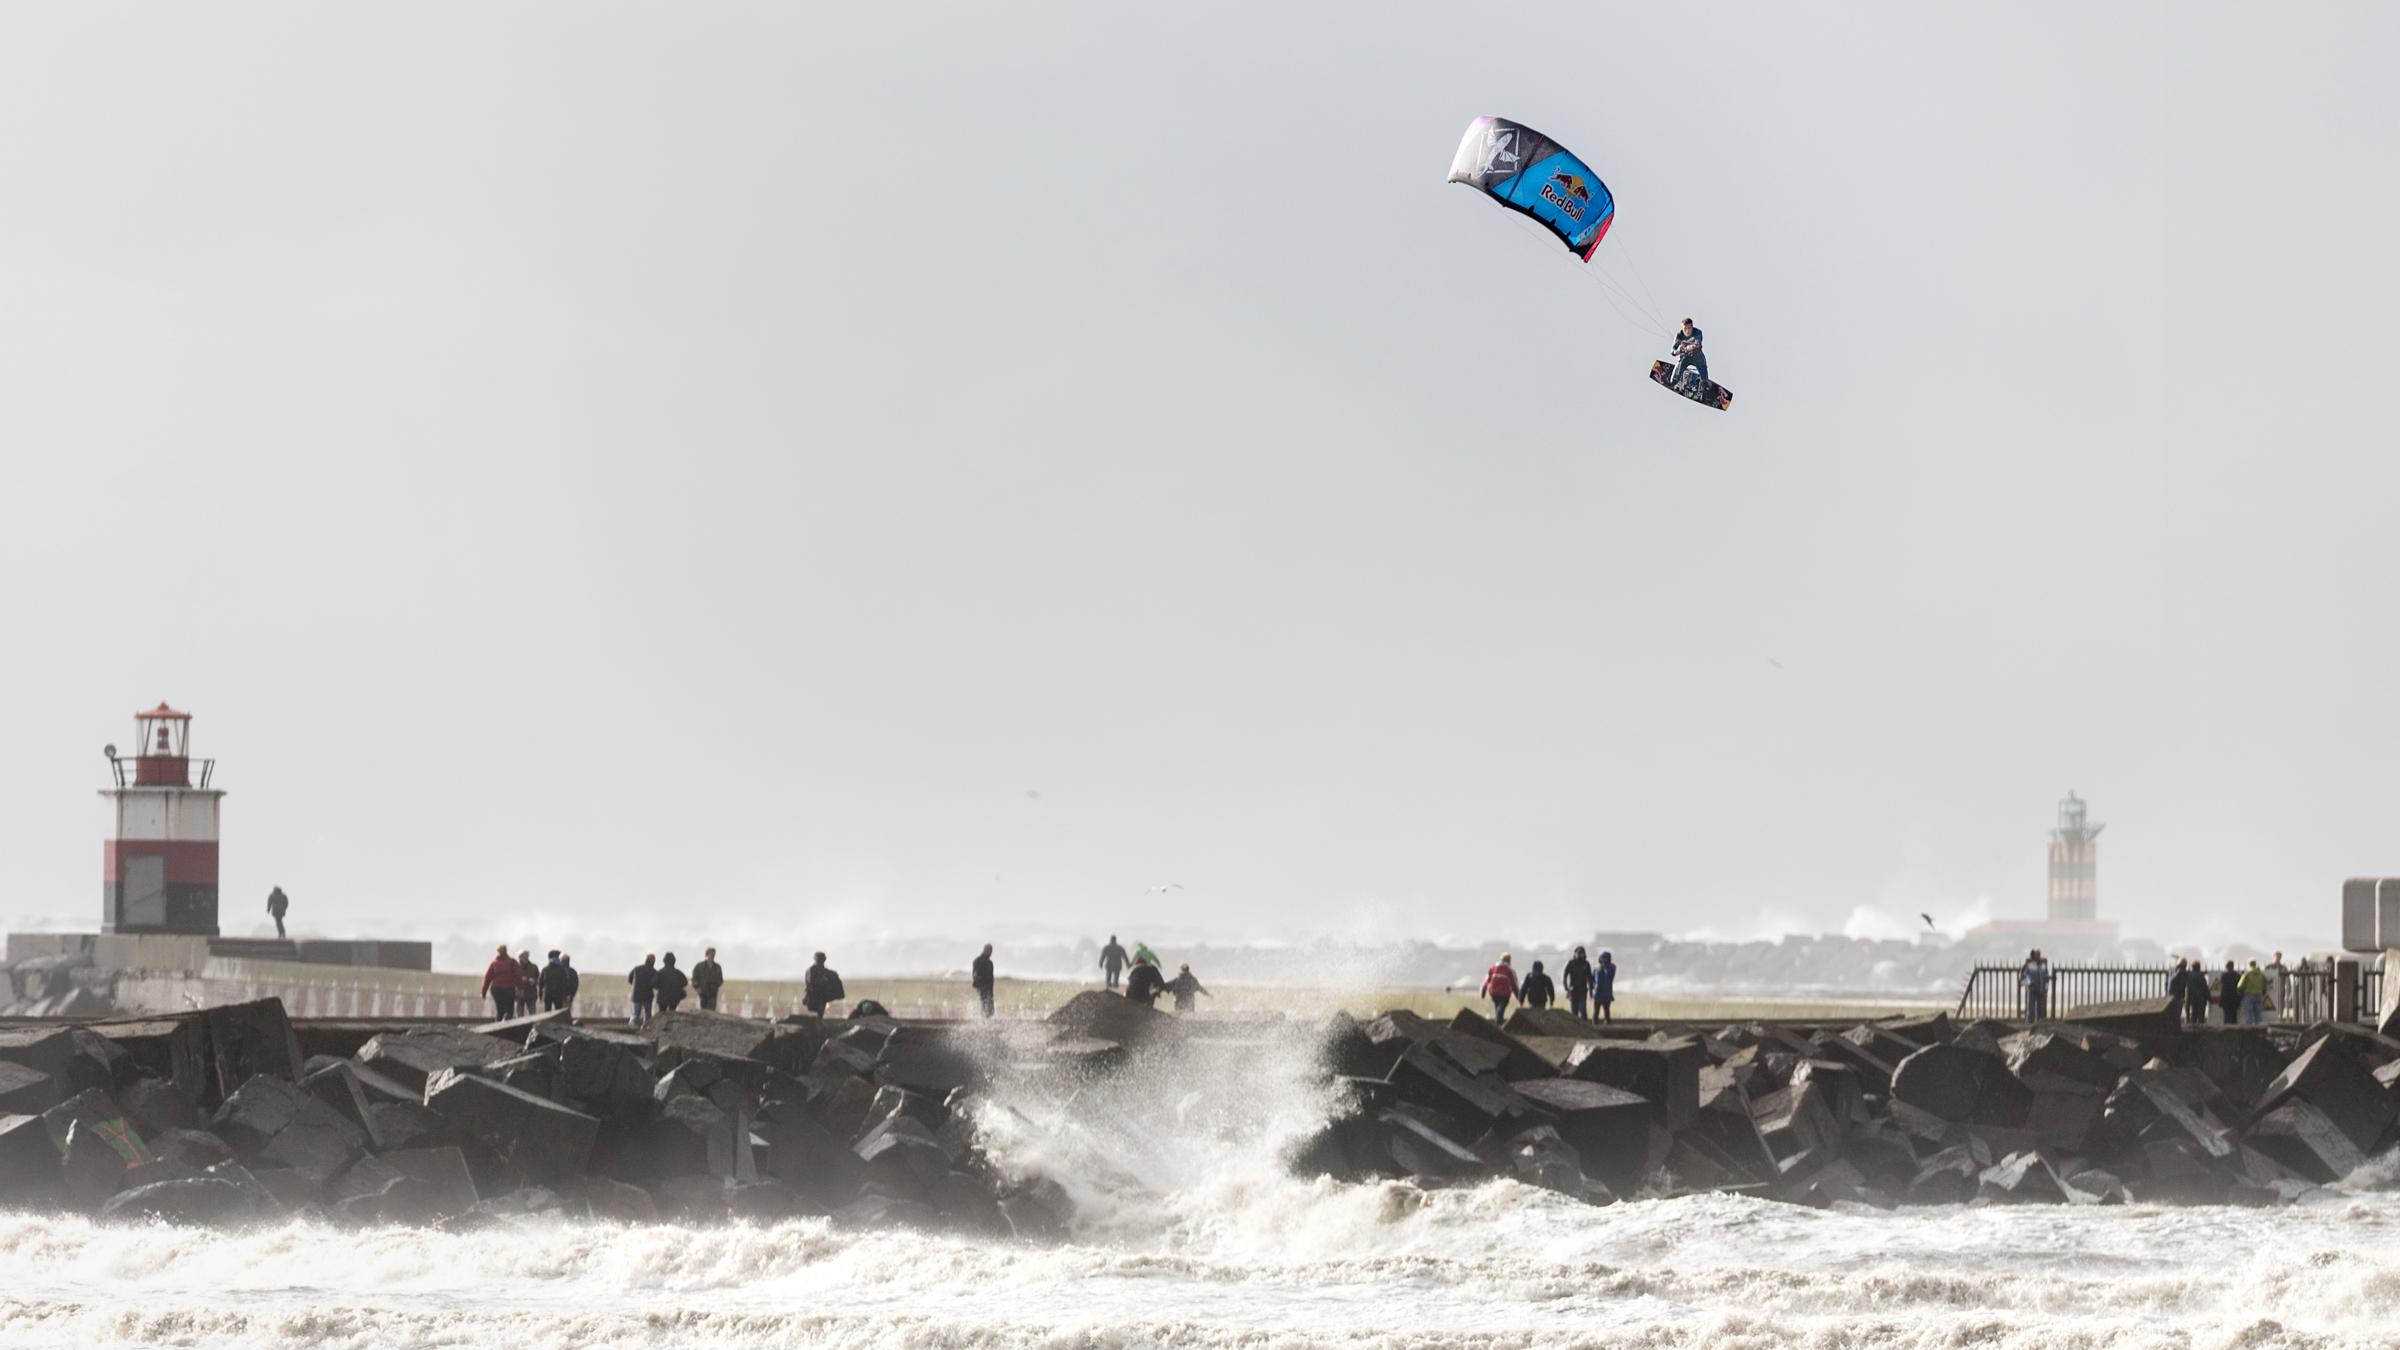 kitesurf wallpaper image - Ruben Lenten stormchasing at Wijk aan Zee megaloop - in resolution: High Definition - HD 16:9 2400 X 1350